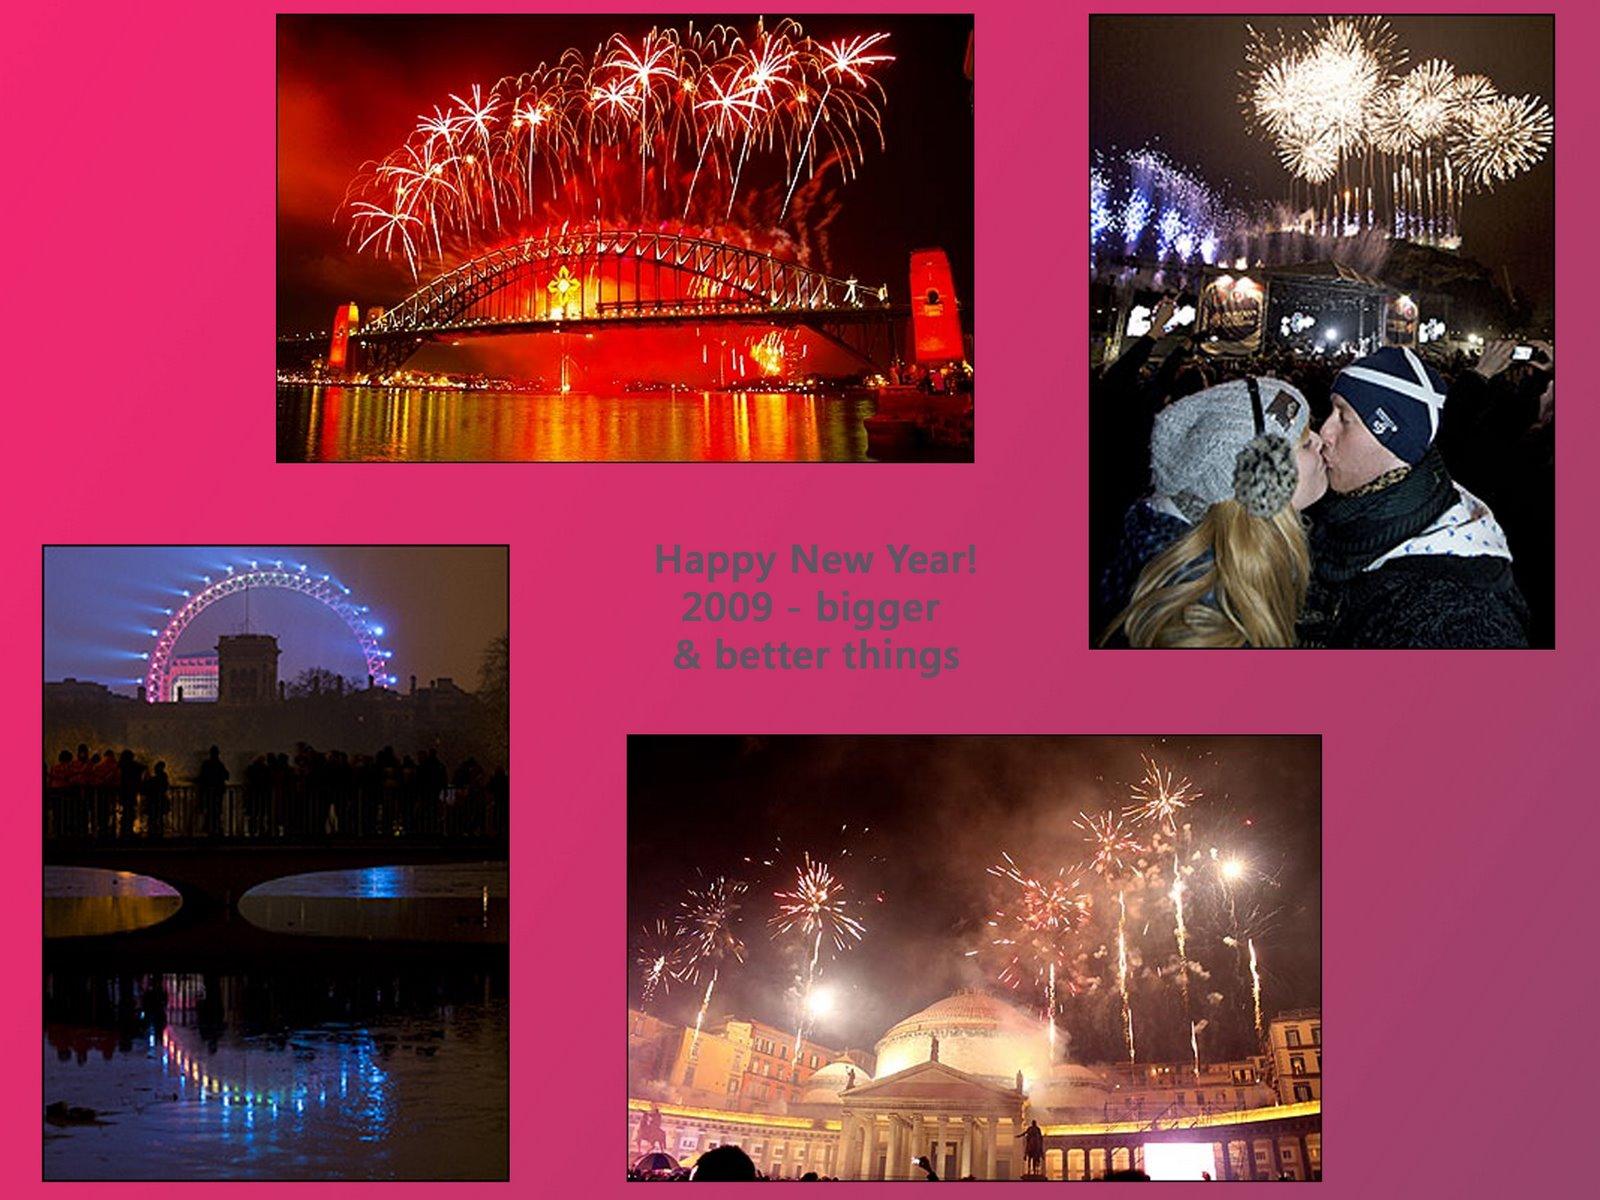 new years eve NYE 2008 2009